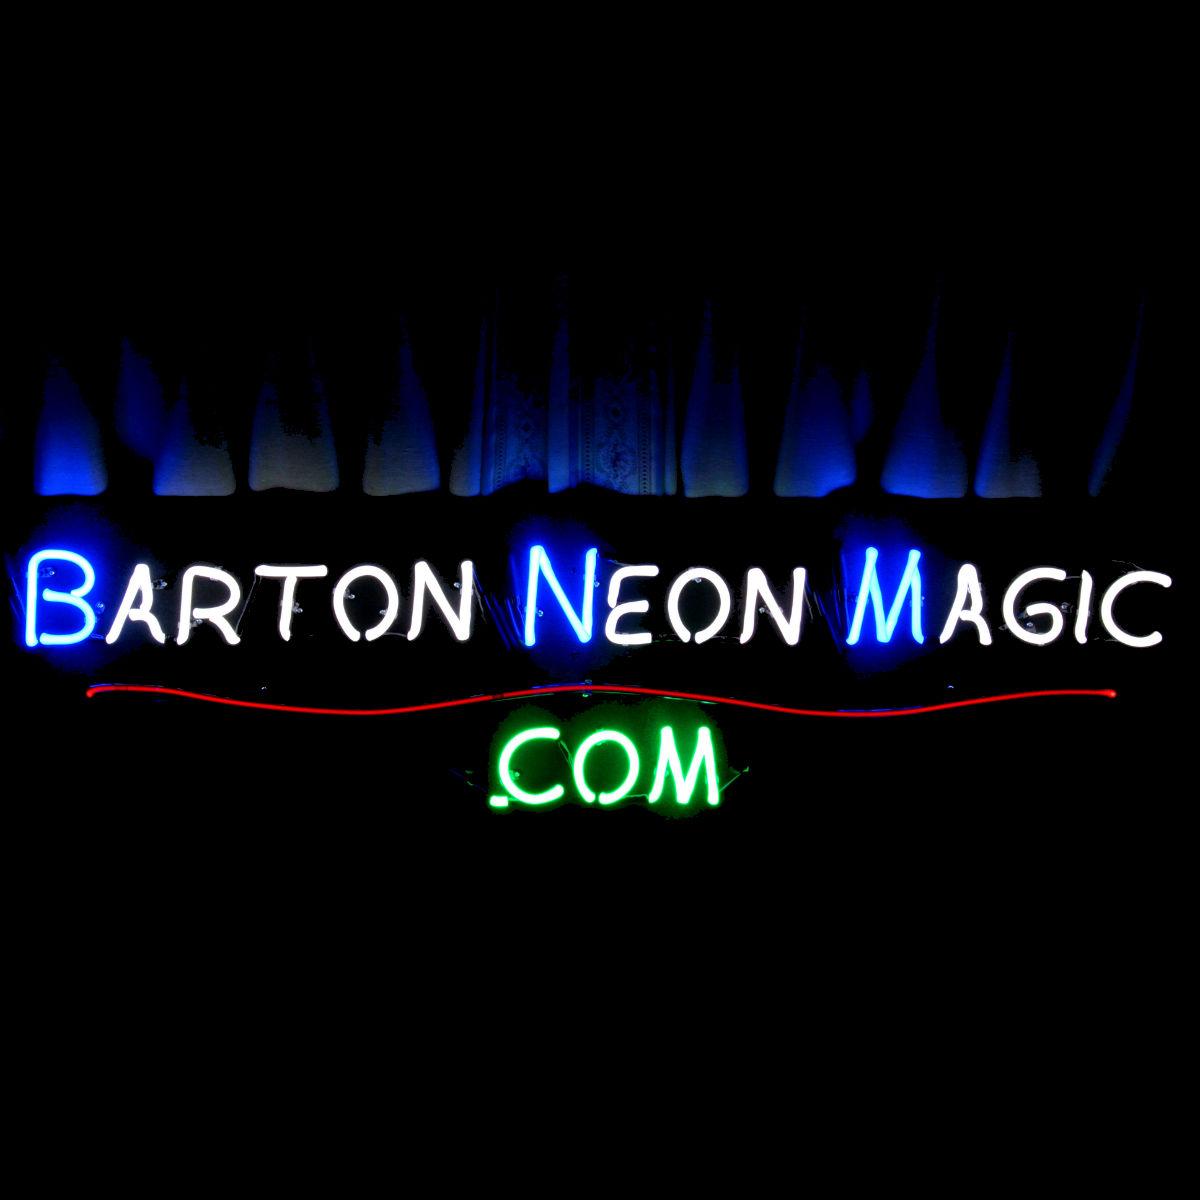 MODERN NEON ART by John Barton - BartonNeonMagic.com